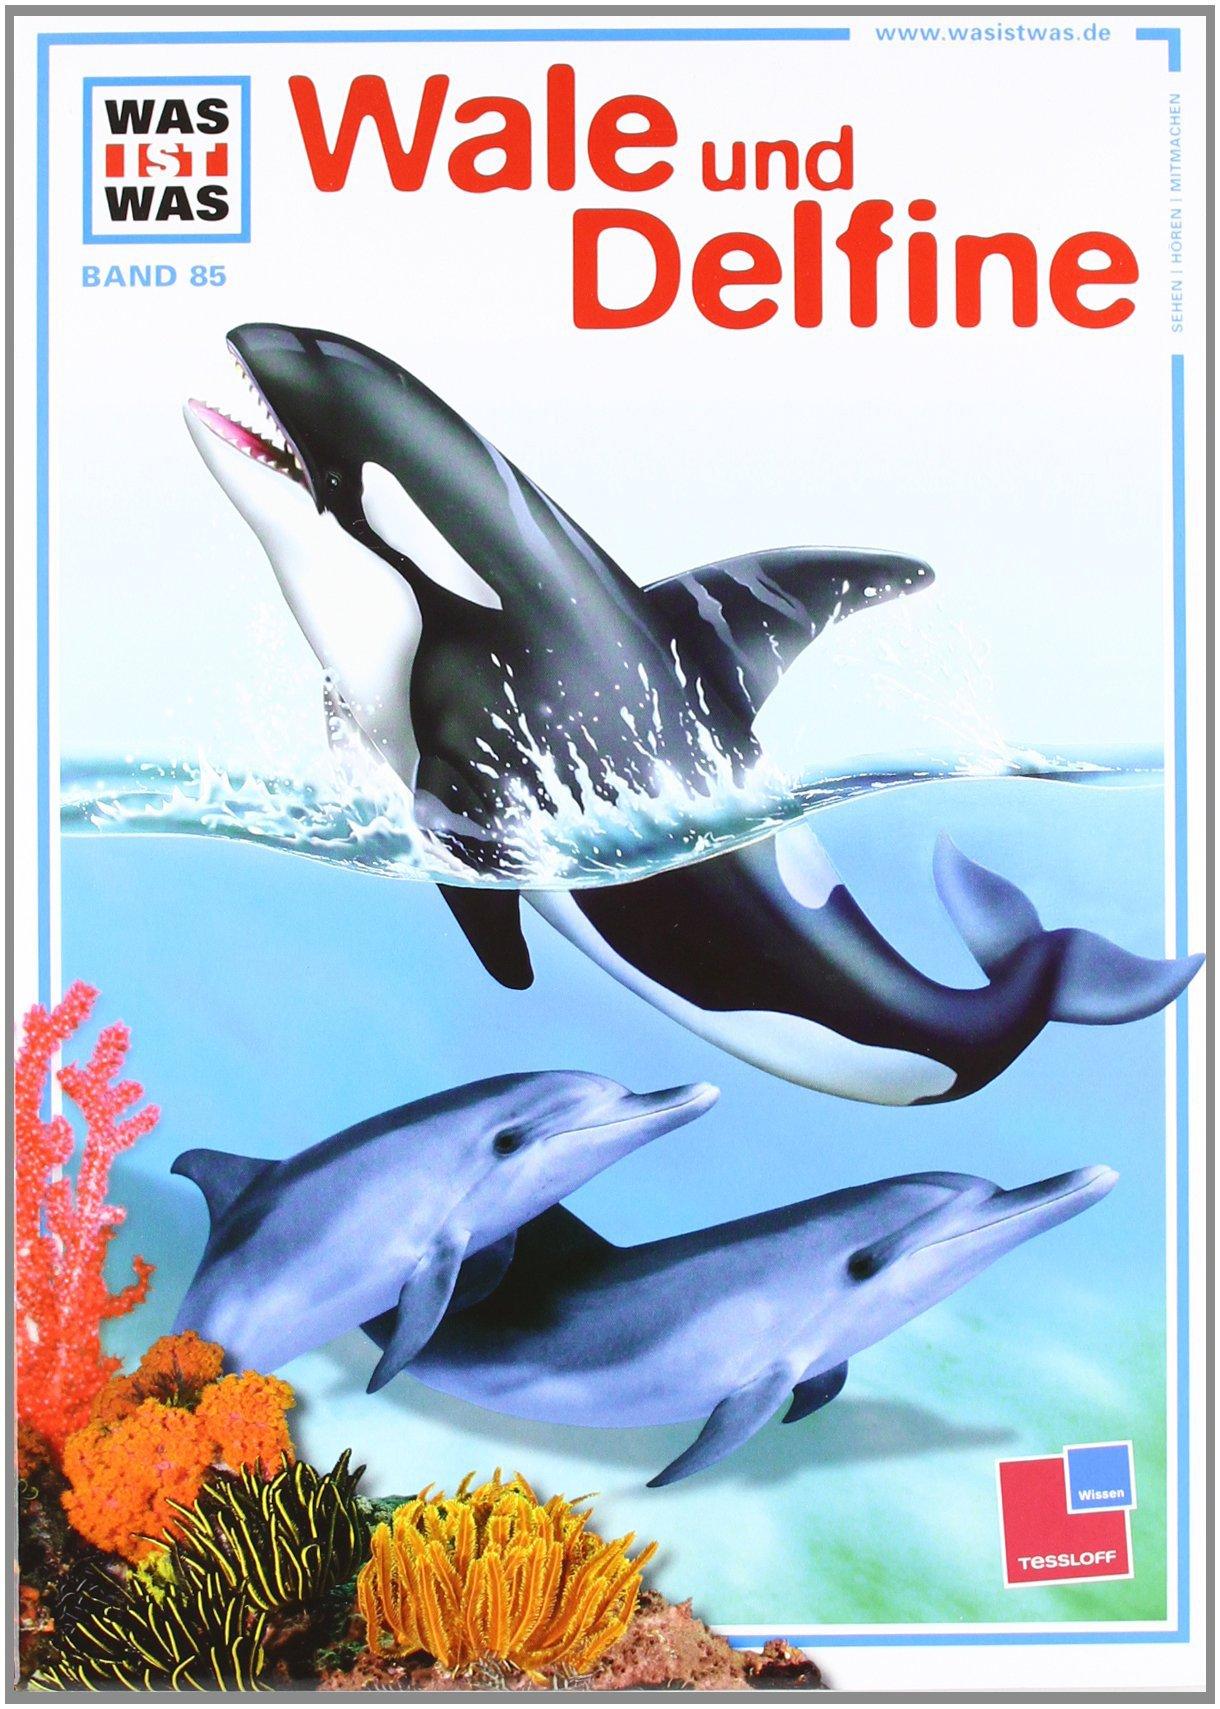 Was ist was, Band 085: Wale und Delfine